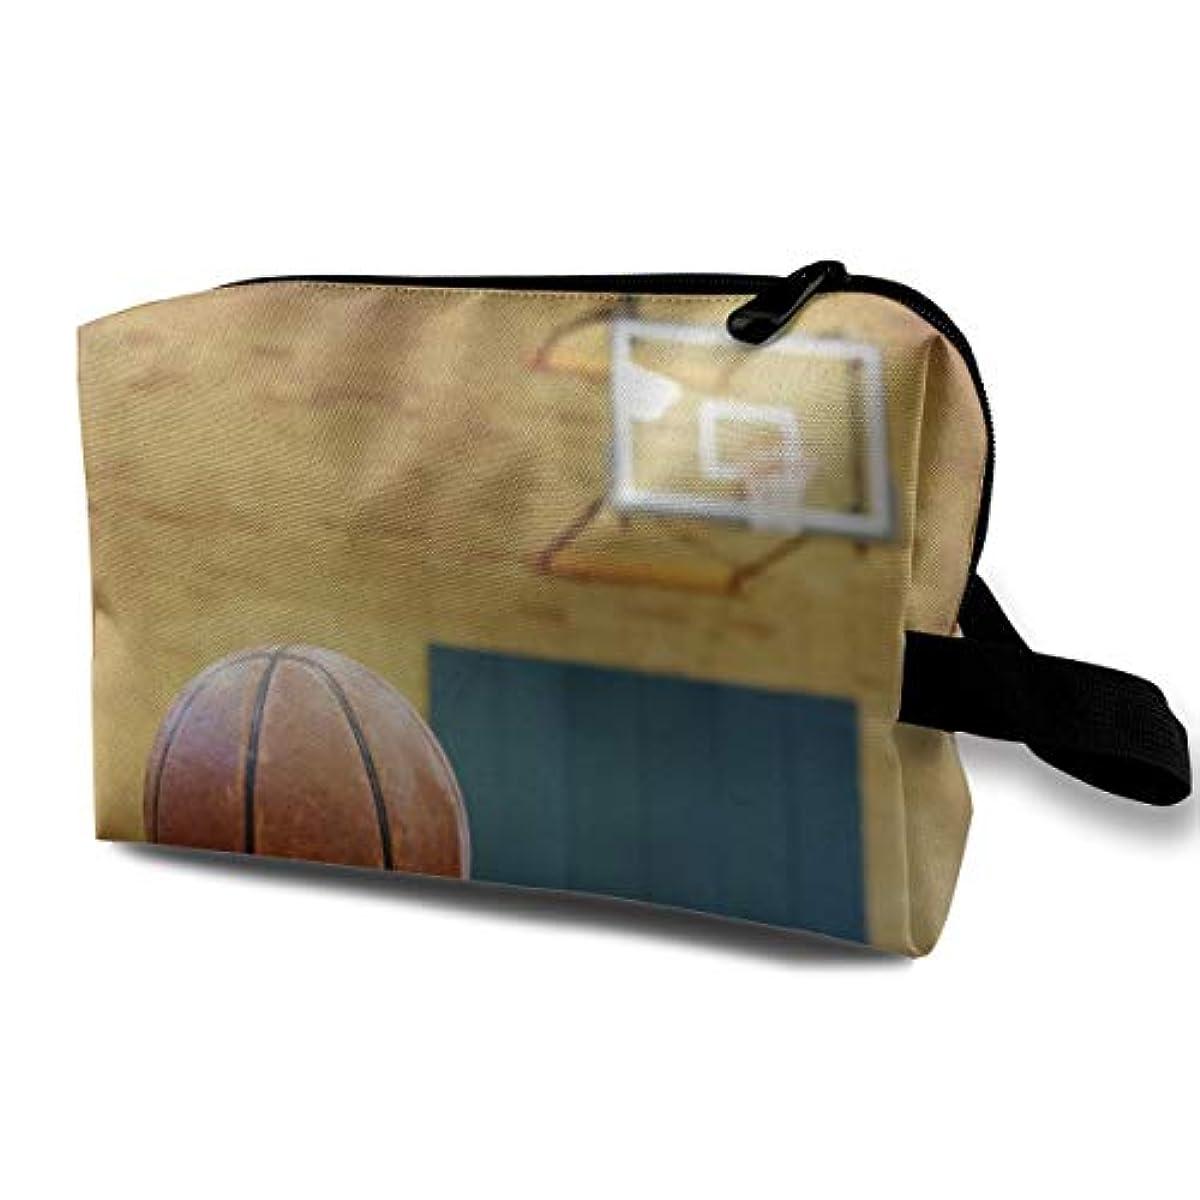 発生器半島値Ball On Basketball Court 収納ポーチ 化粧ポーチ 大容量 軽量 耐久性 ハンドル付持ち運び便利。入れ 自宅?出張?旅行?アウトドア撮影などに対応。メンズ レディース トラベルグッズ